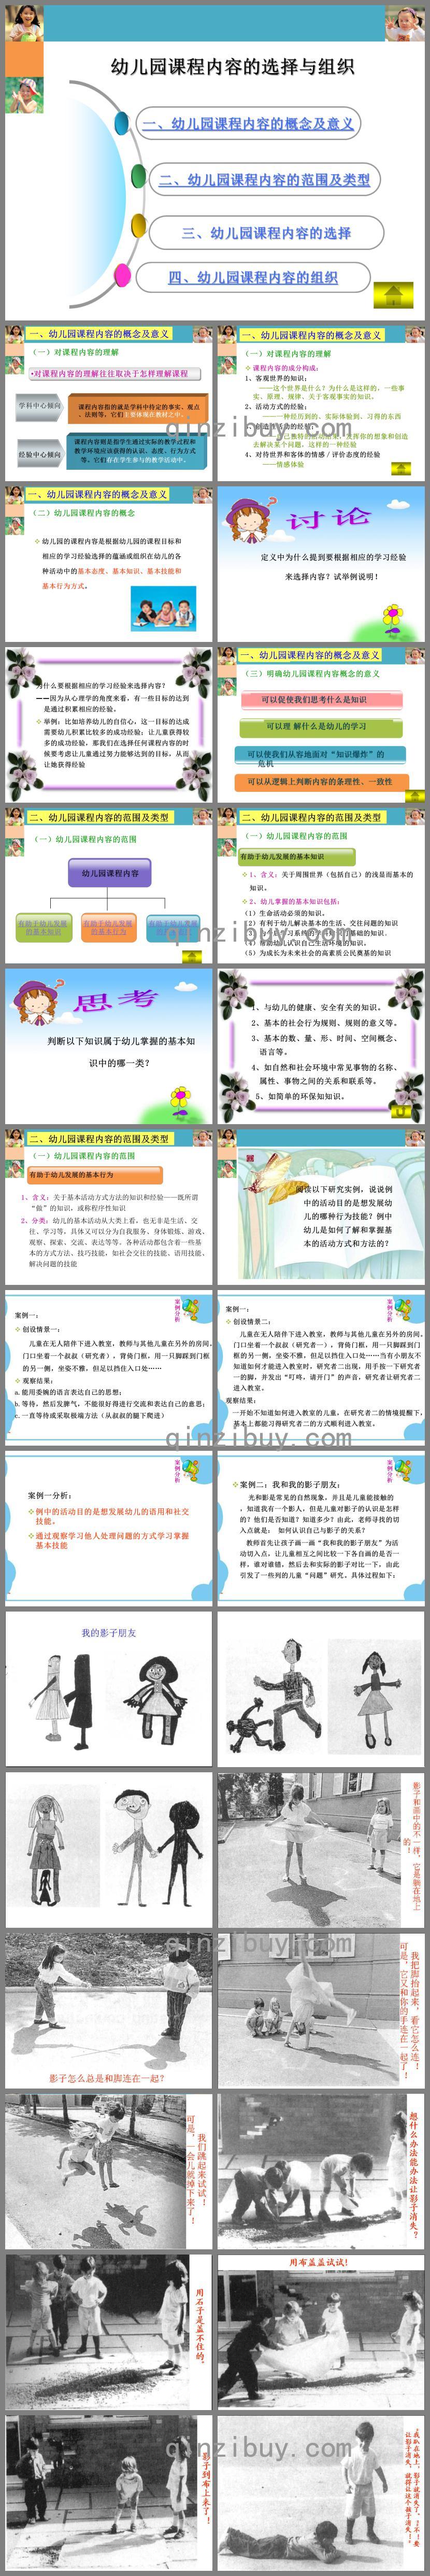 幼儿园课程内容的选择与组织PPT课件